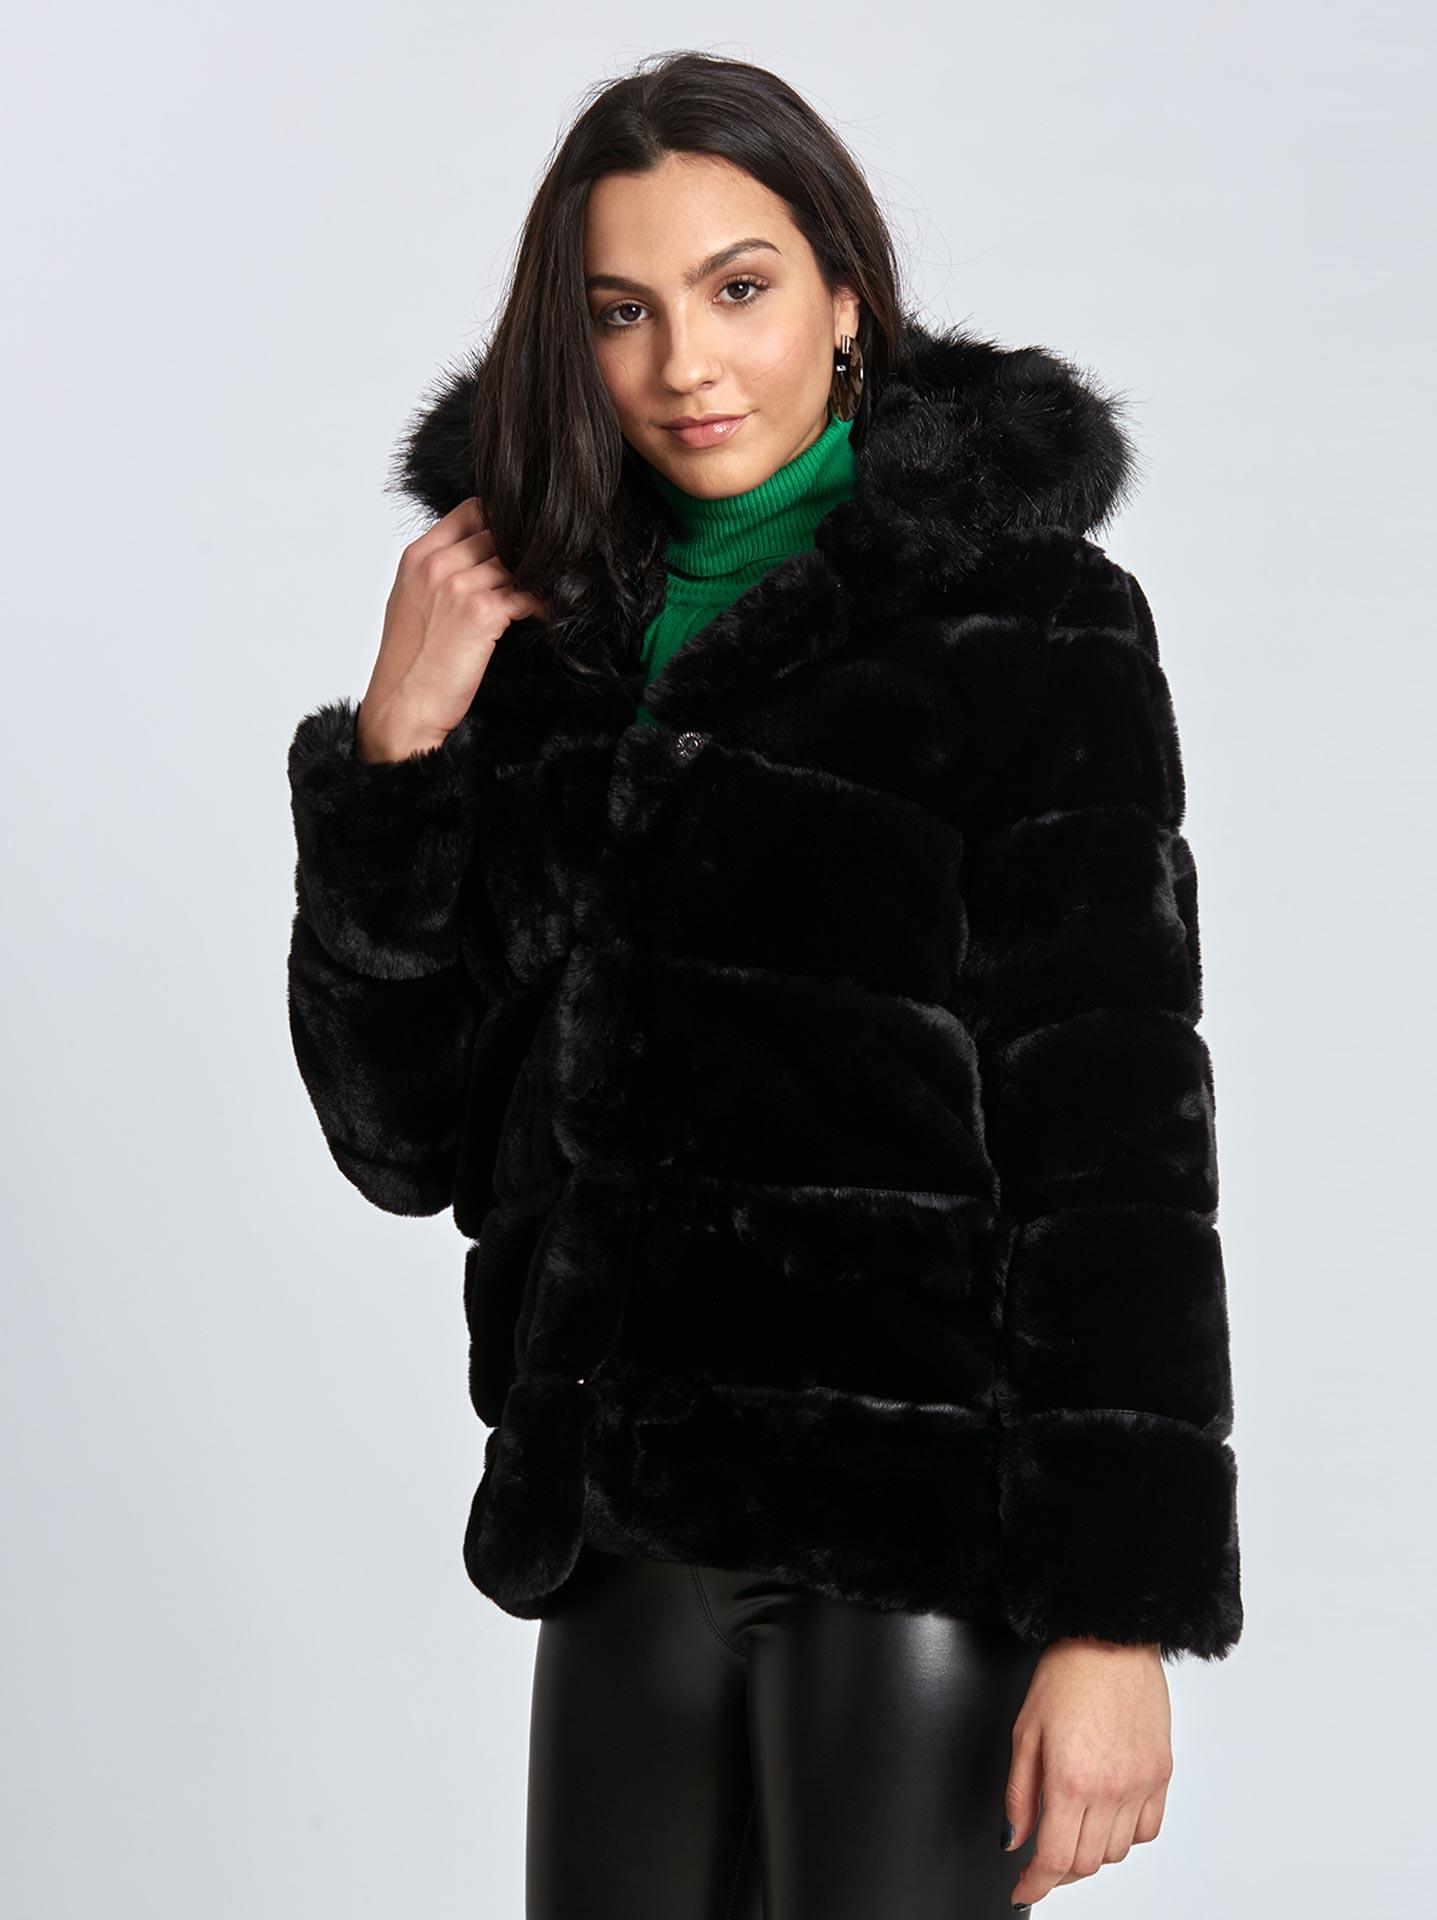 Παλτό από οικολογική-συνθετική γούνα σε μαυρο 0cbfdb1c7b7